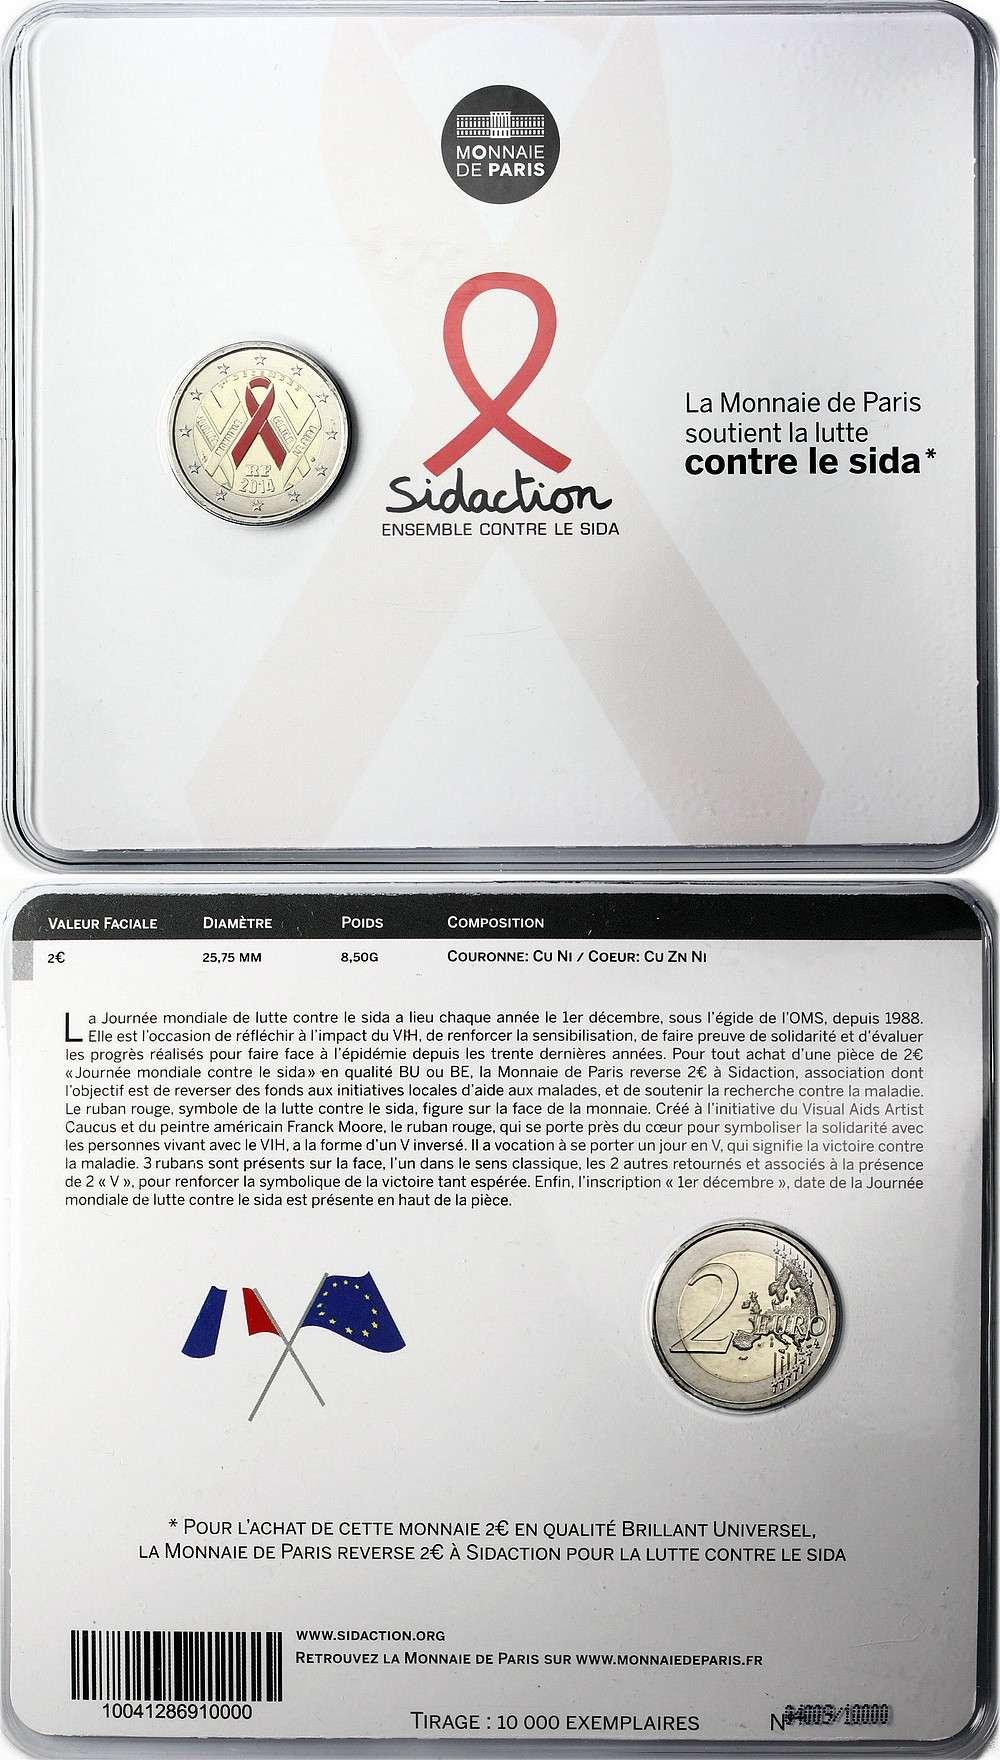 BU и Proof версии монеты являются цветными. Центральная ленточка окрашена в красный цвет.